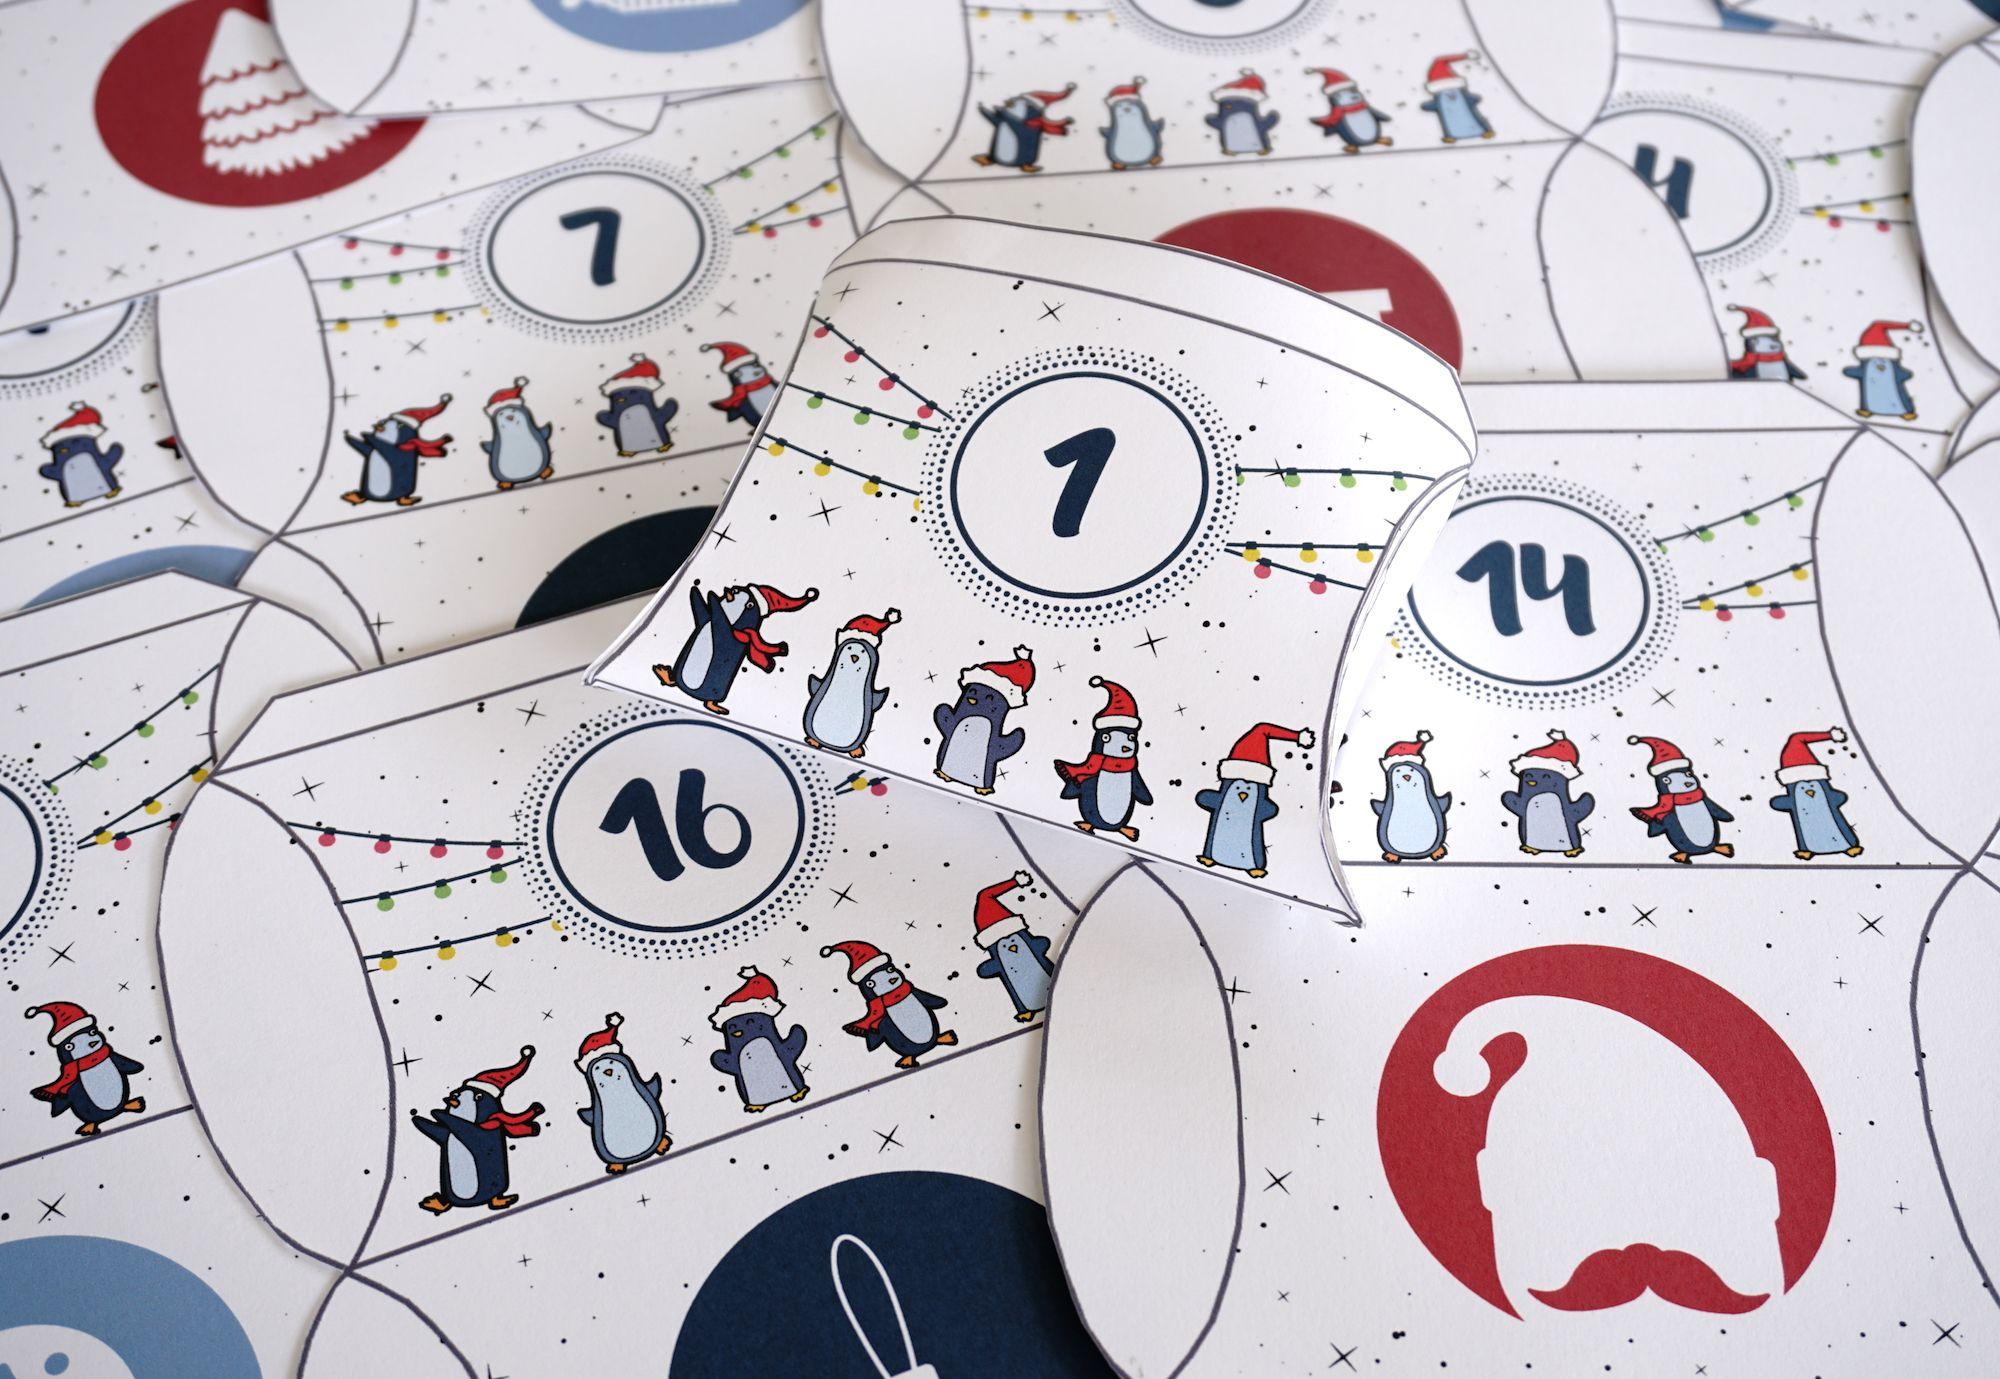 Petites boites à imprimer pour confectionner votre calendrier de l'Avent #calendrierdel#39;aventdiy